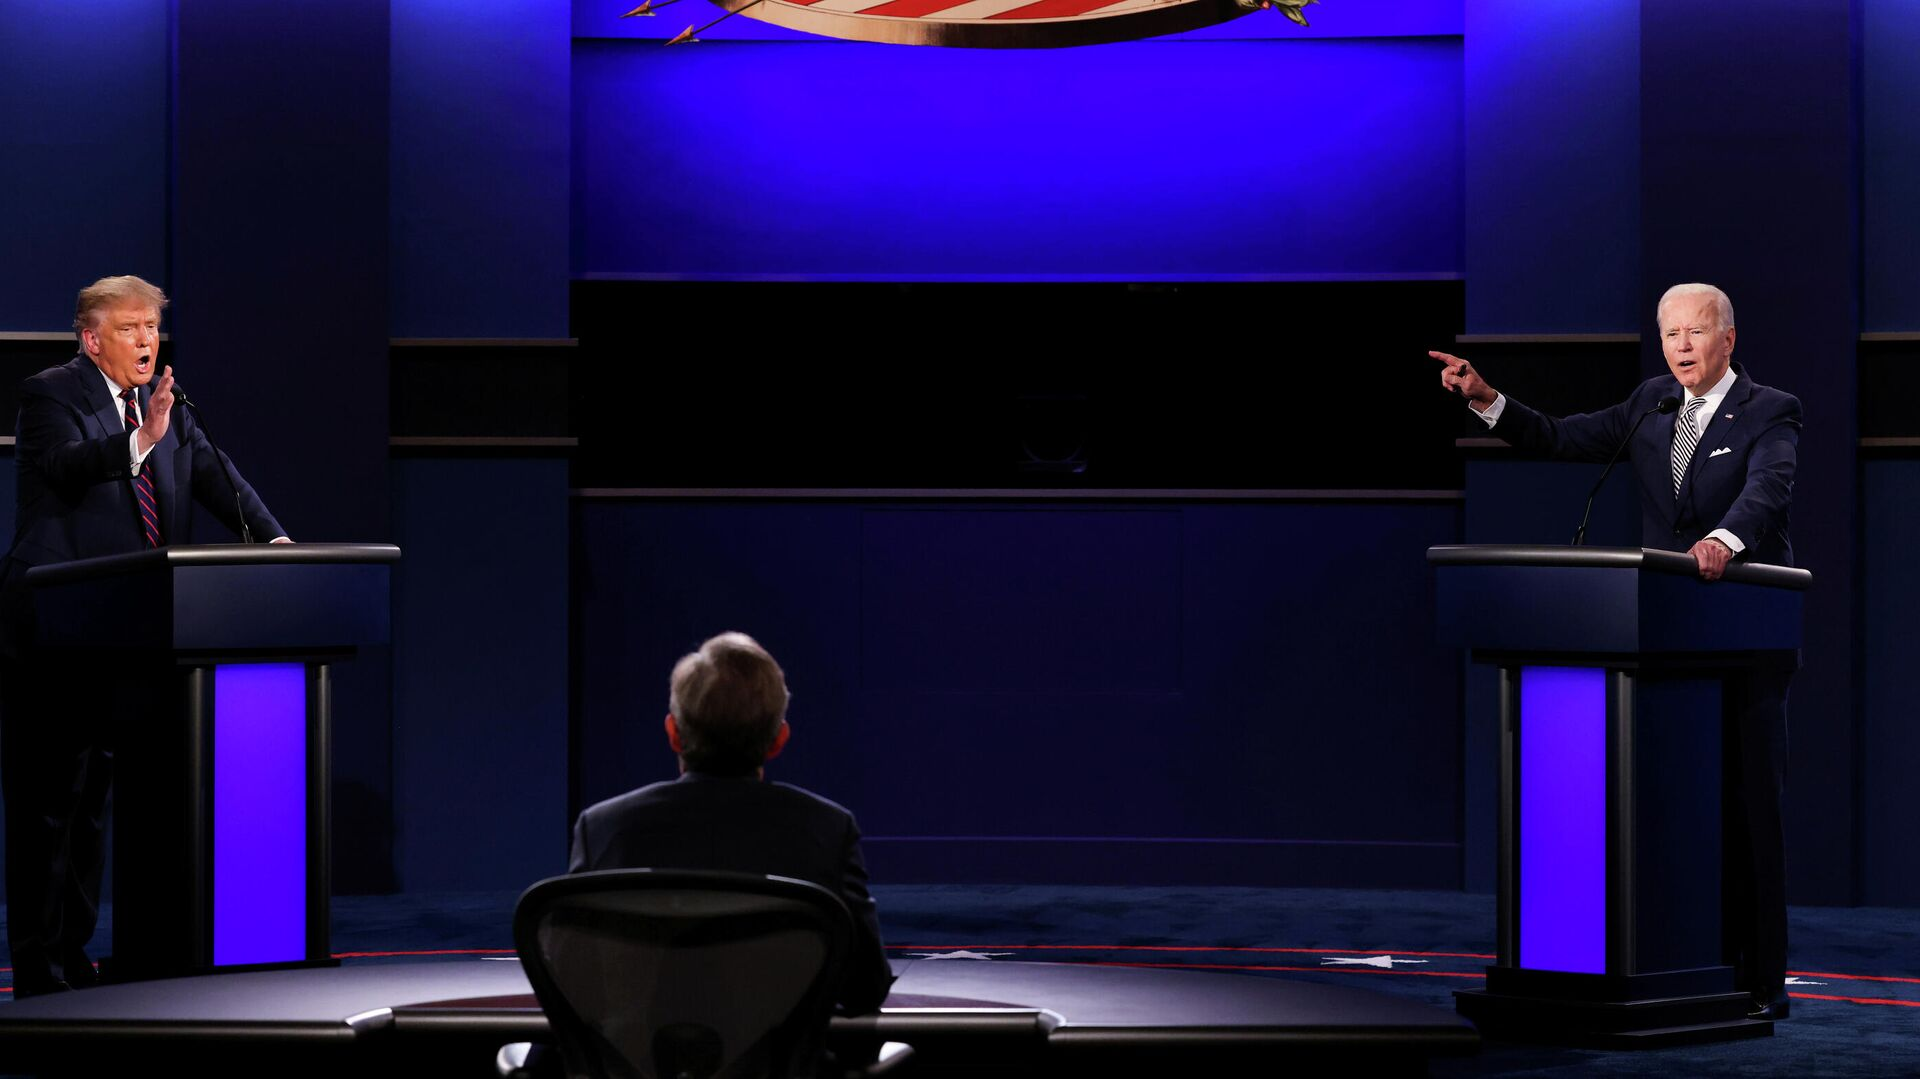 Президент Дональд Трамп США и Джо Байден во время дебатов в Кливленде, штат Огайо - РИА Новости, 1920, 08.10.2020